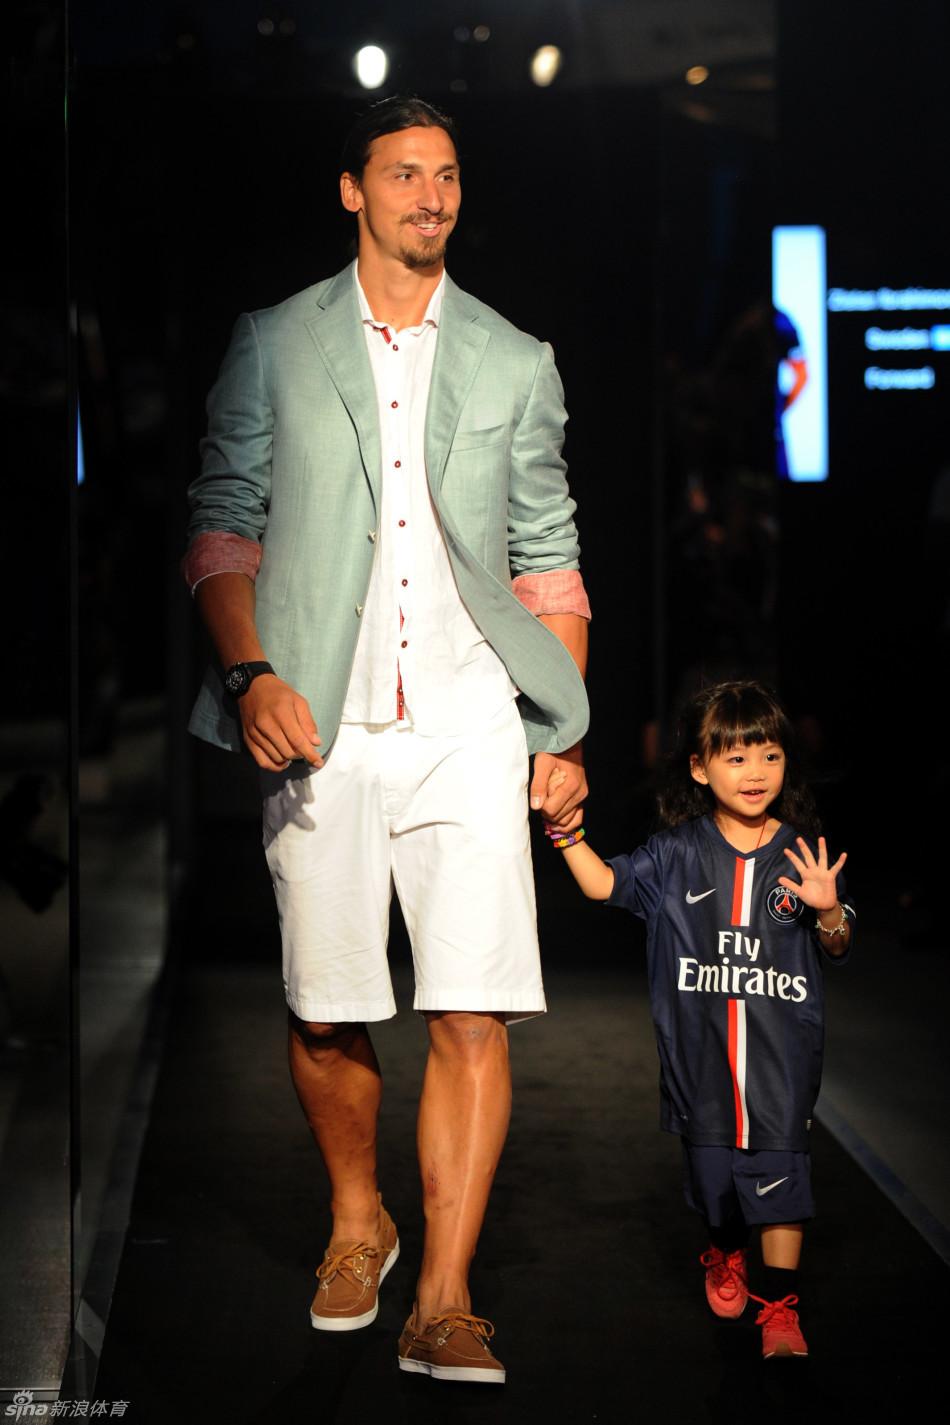 足球明星化身T台男模 运动与时尚相融合